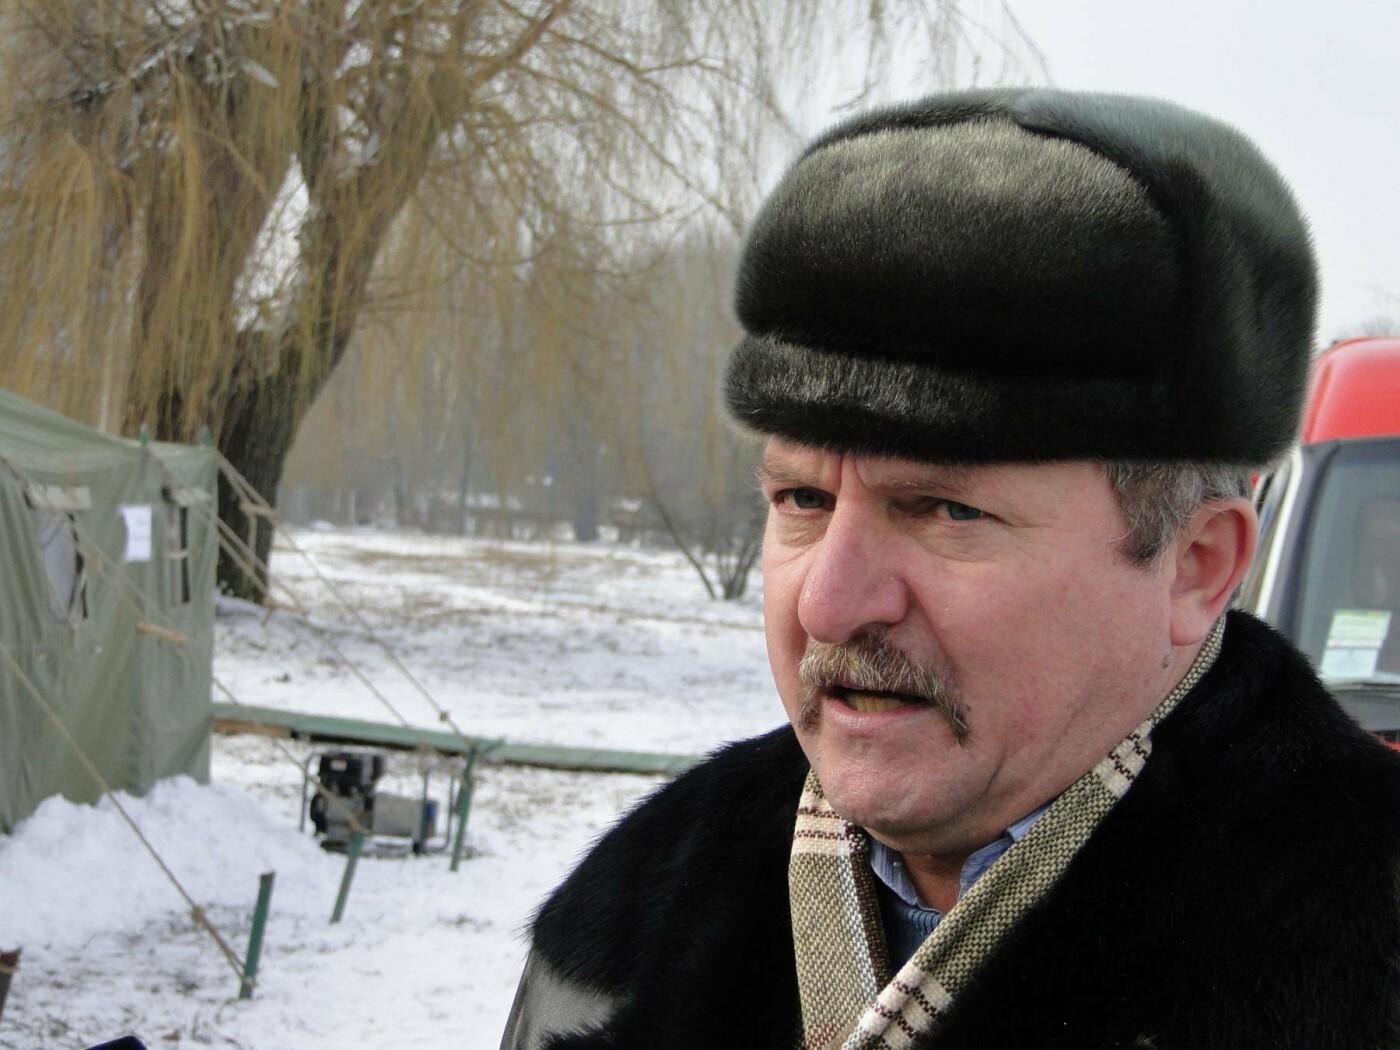 Через тонку кригу, на Водохреща у Хмельницькому в ополонку пірнатимуть з пірса. ФОТО. ВІДЕО, фото-1